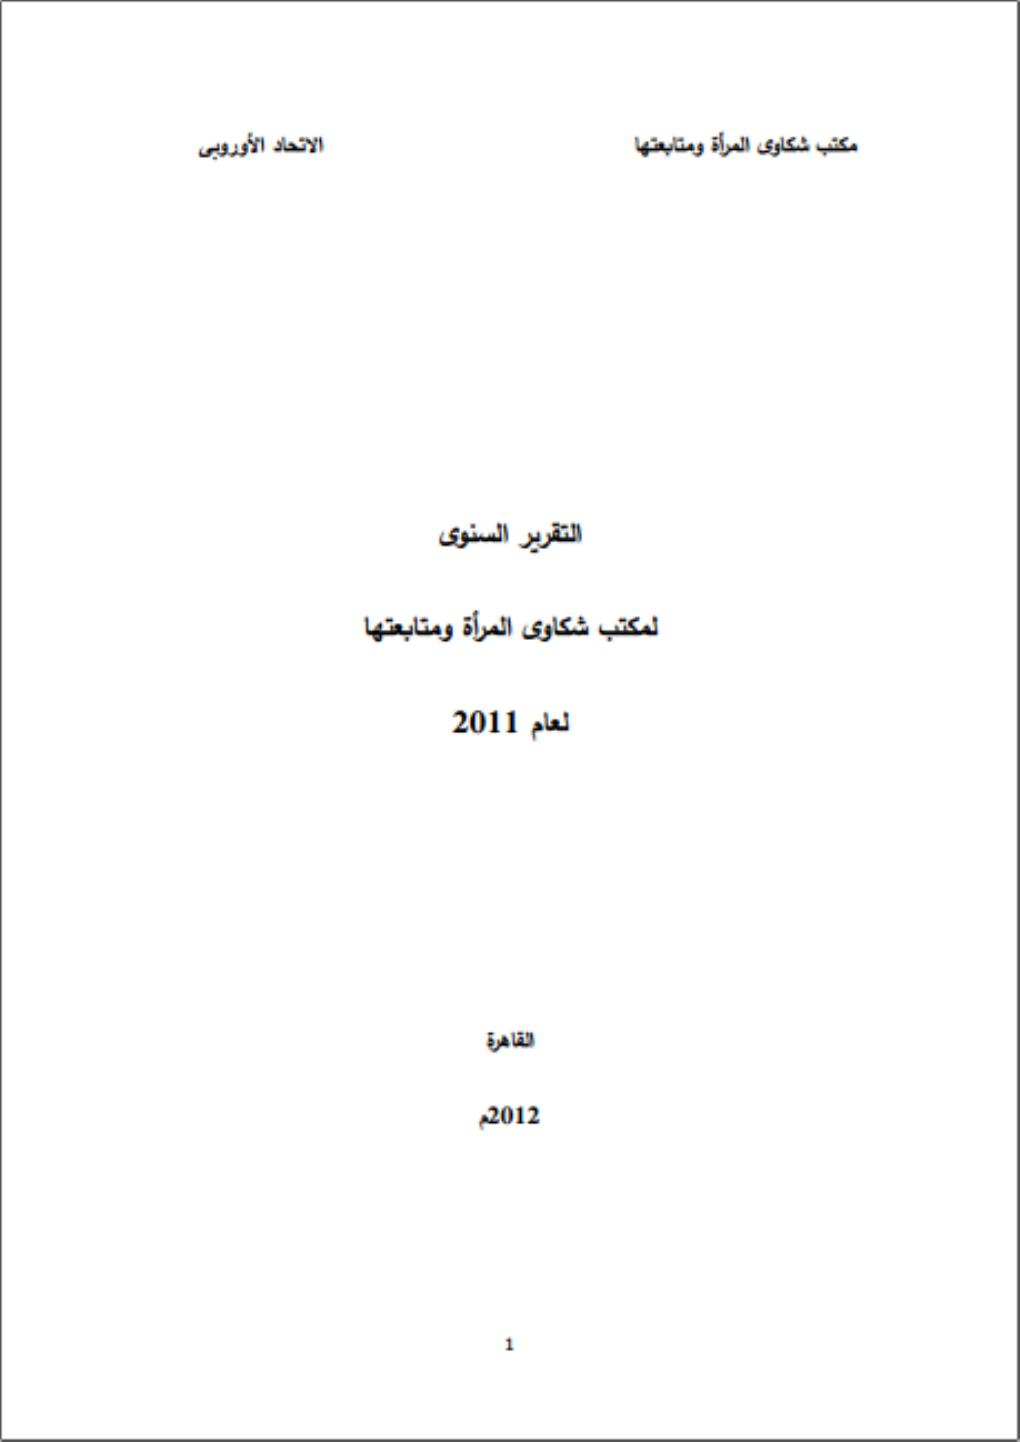 التقرير السنوى لمكتب شكاوي المرأة ومتابعتها لسنة 2011